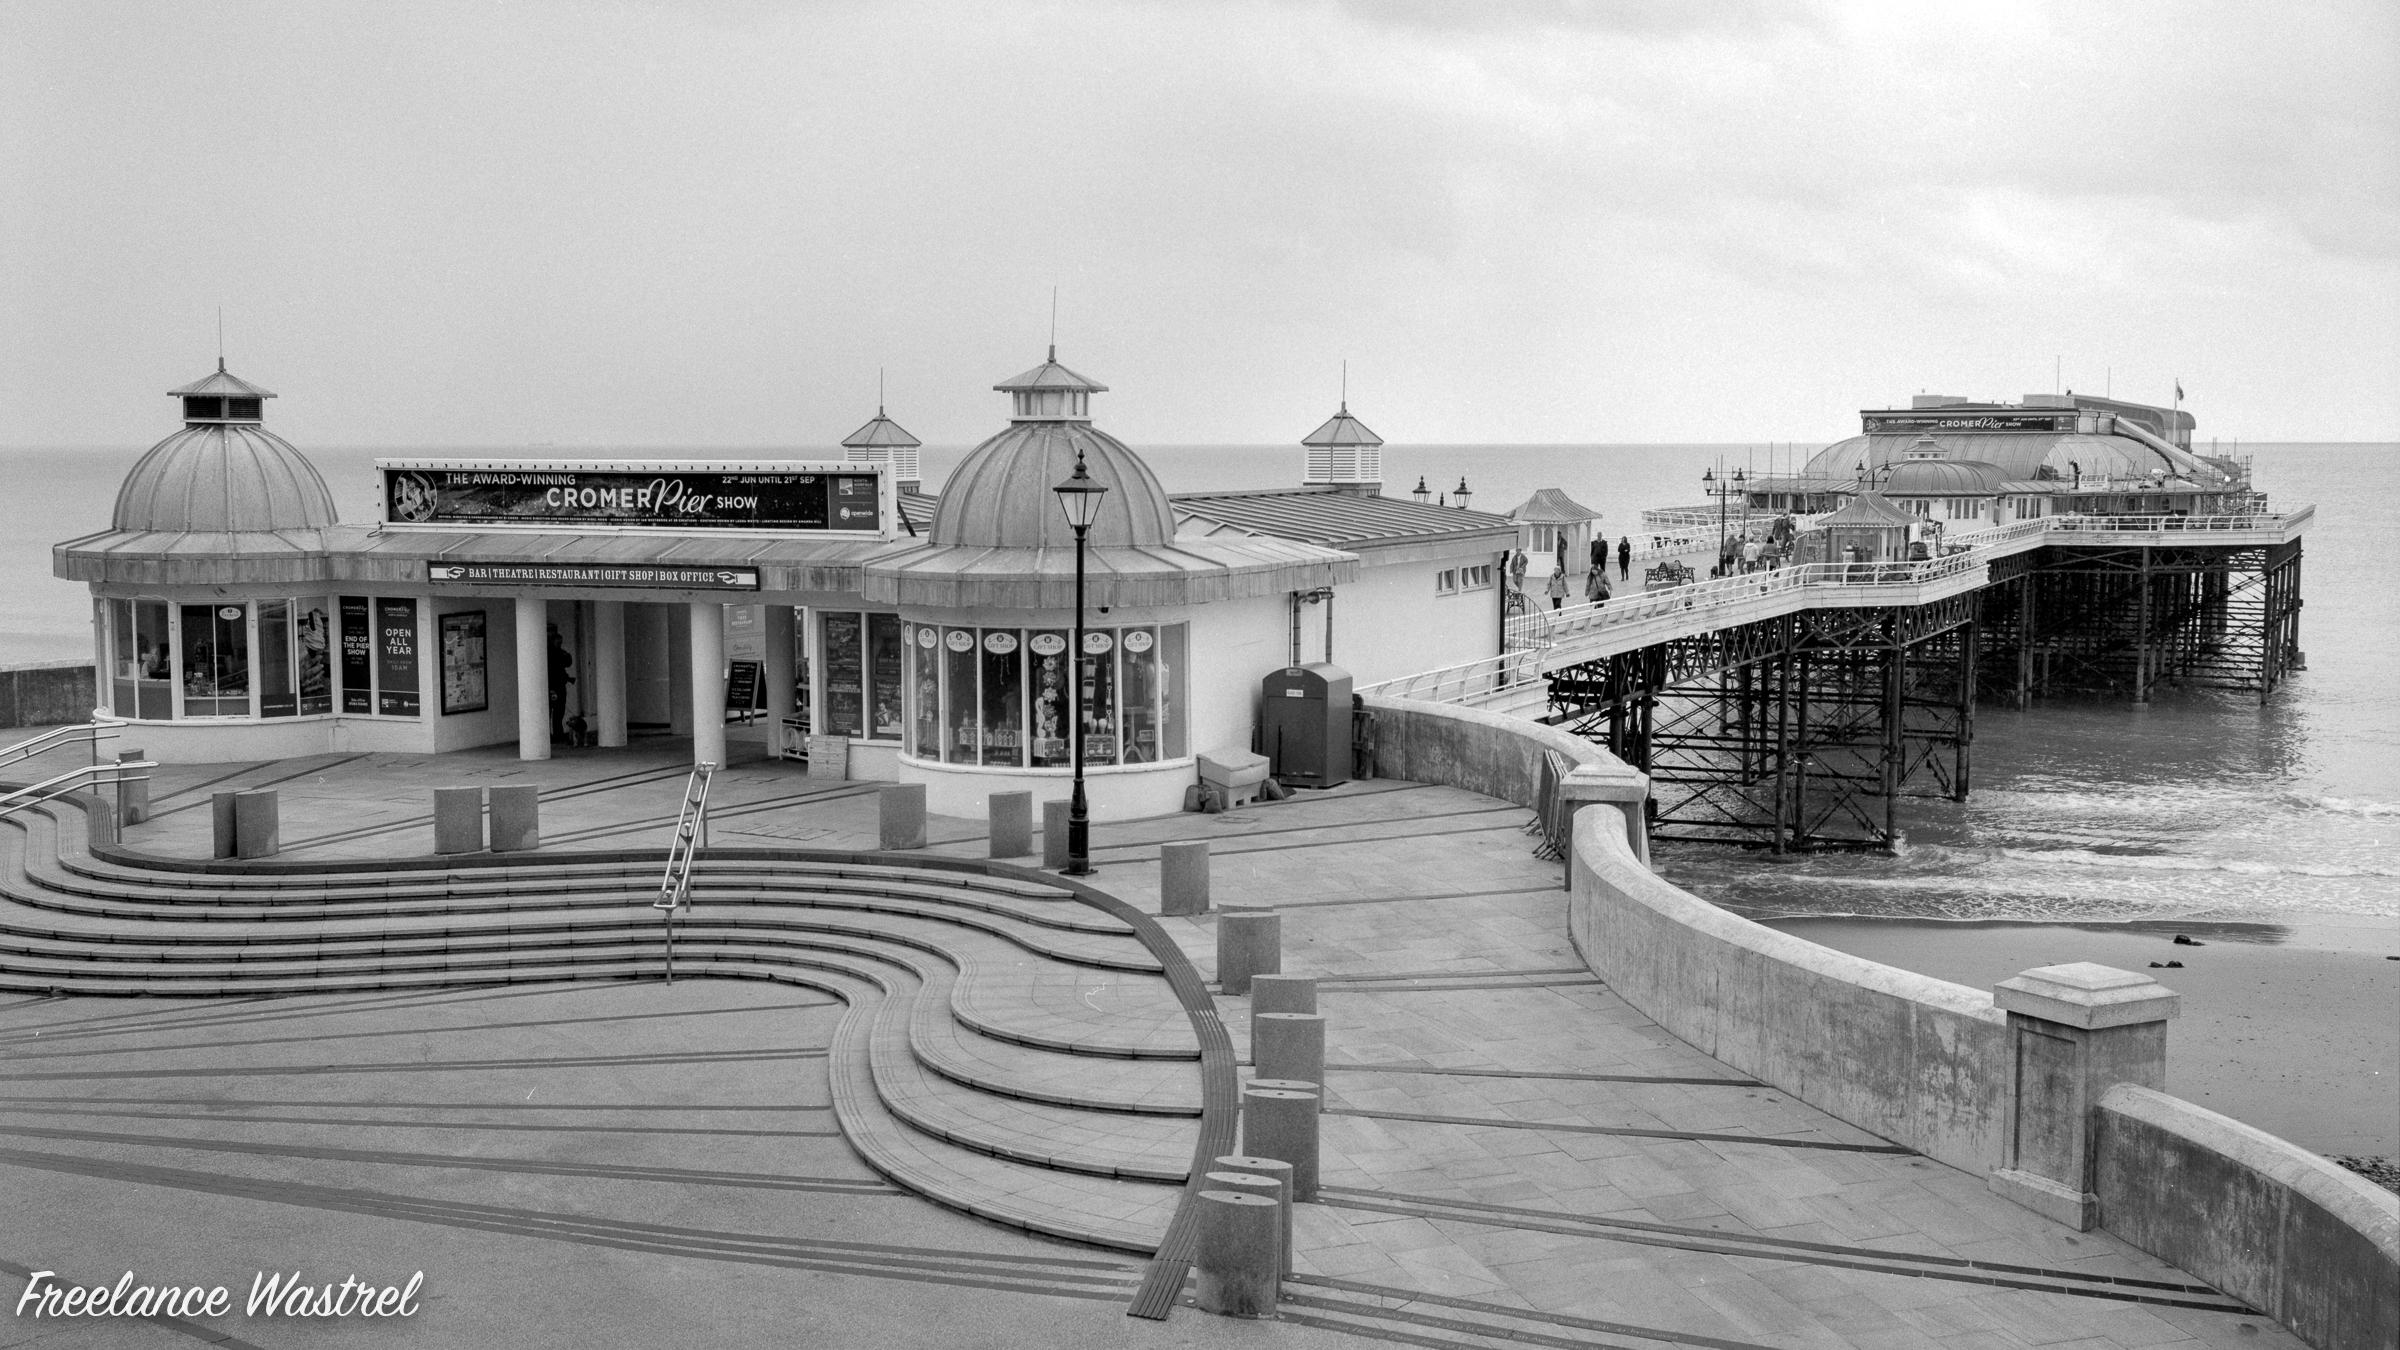 Cromer Pier, September 2019